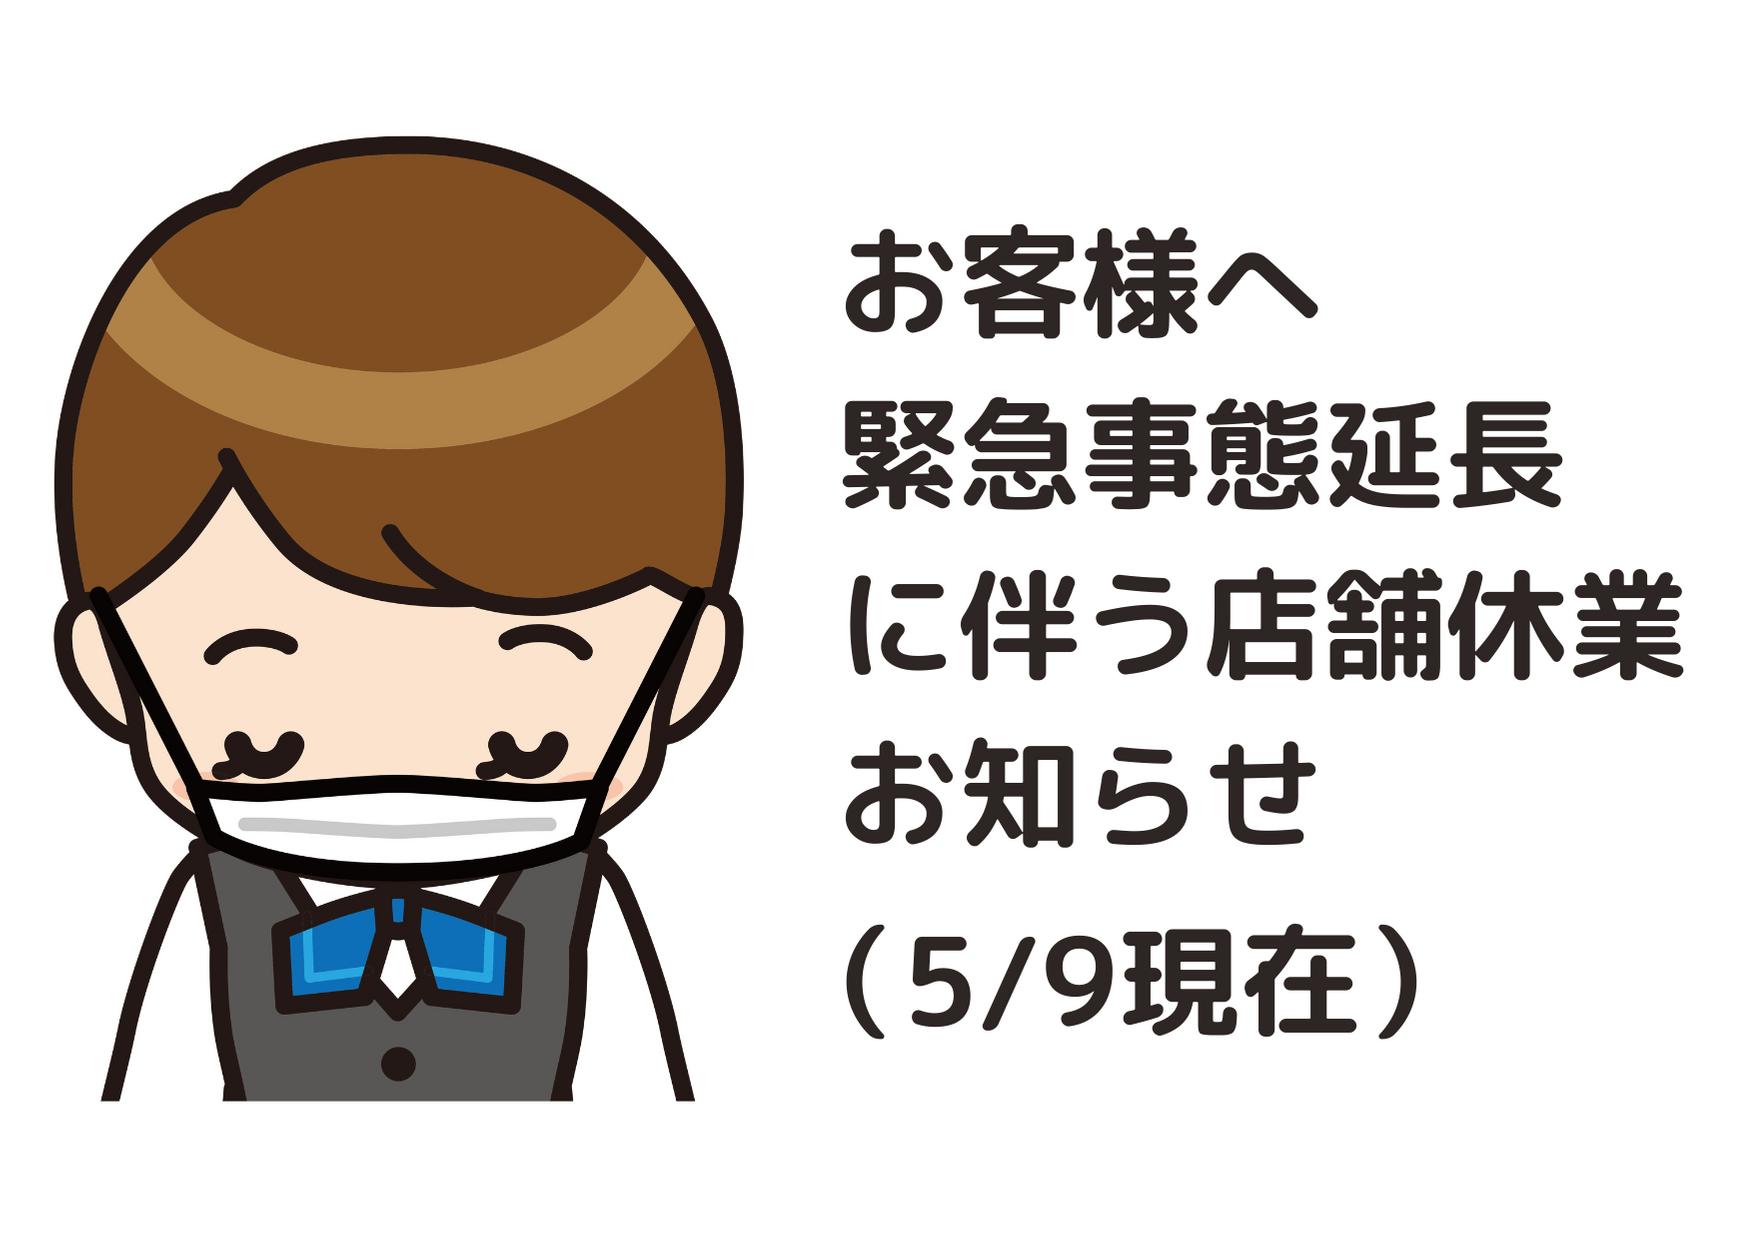 緊急事態宣言延長に伴う休業延長のお知らせ(5/9現在)